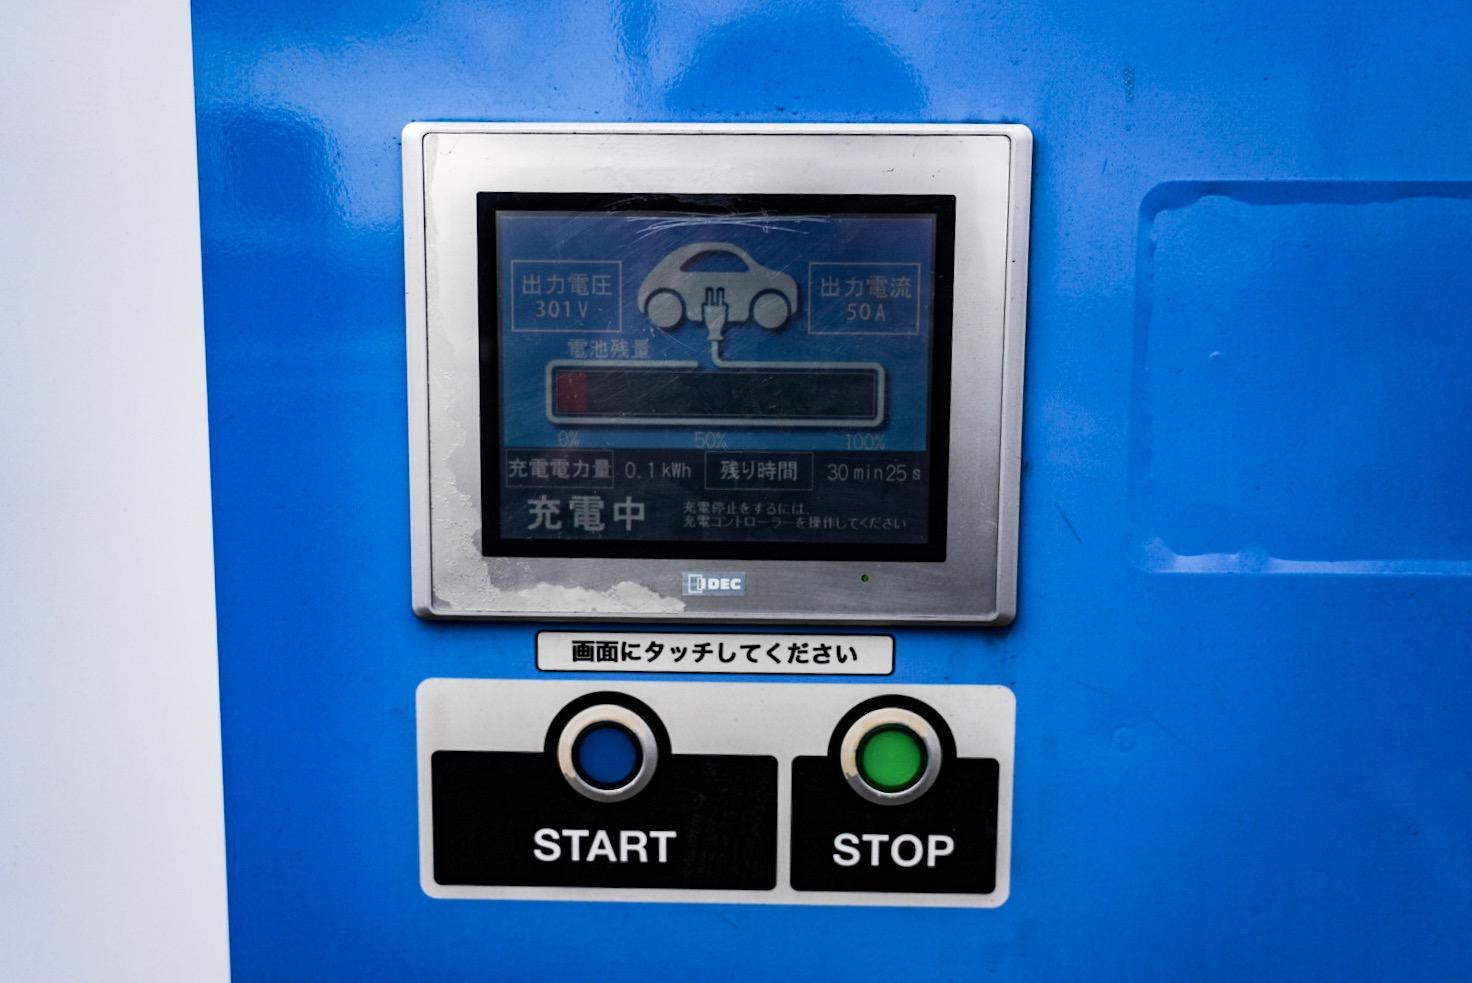 急速充電スタンド操作パネル